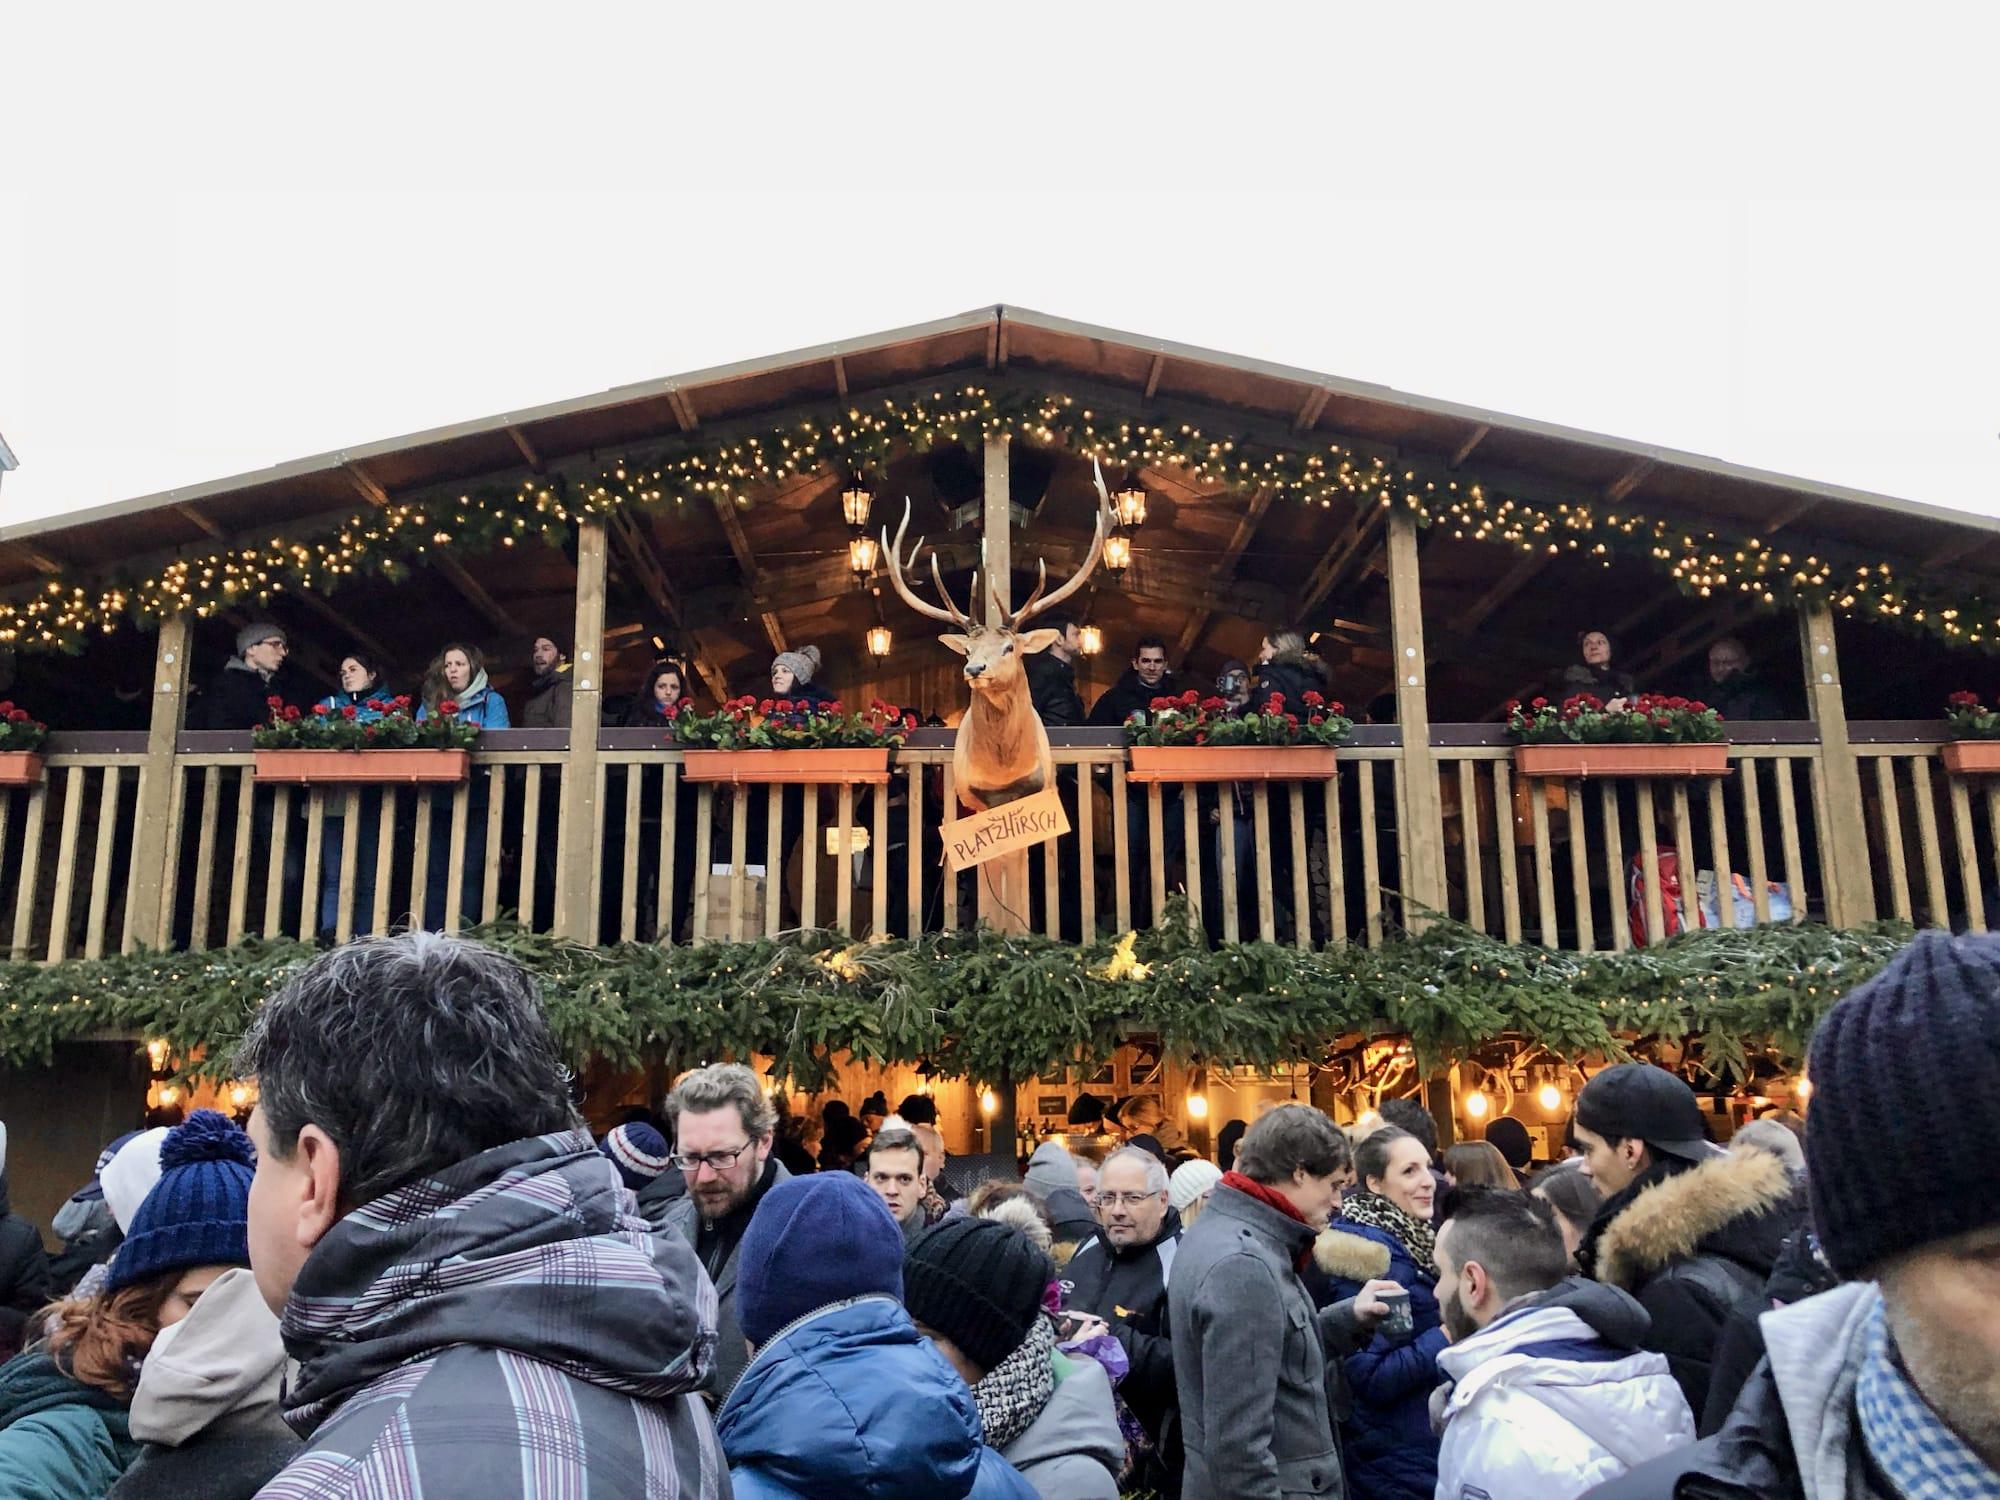 Il mercatino di Natale di Berna